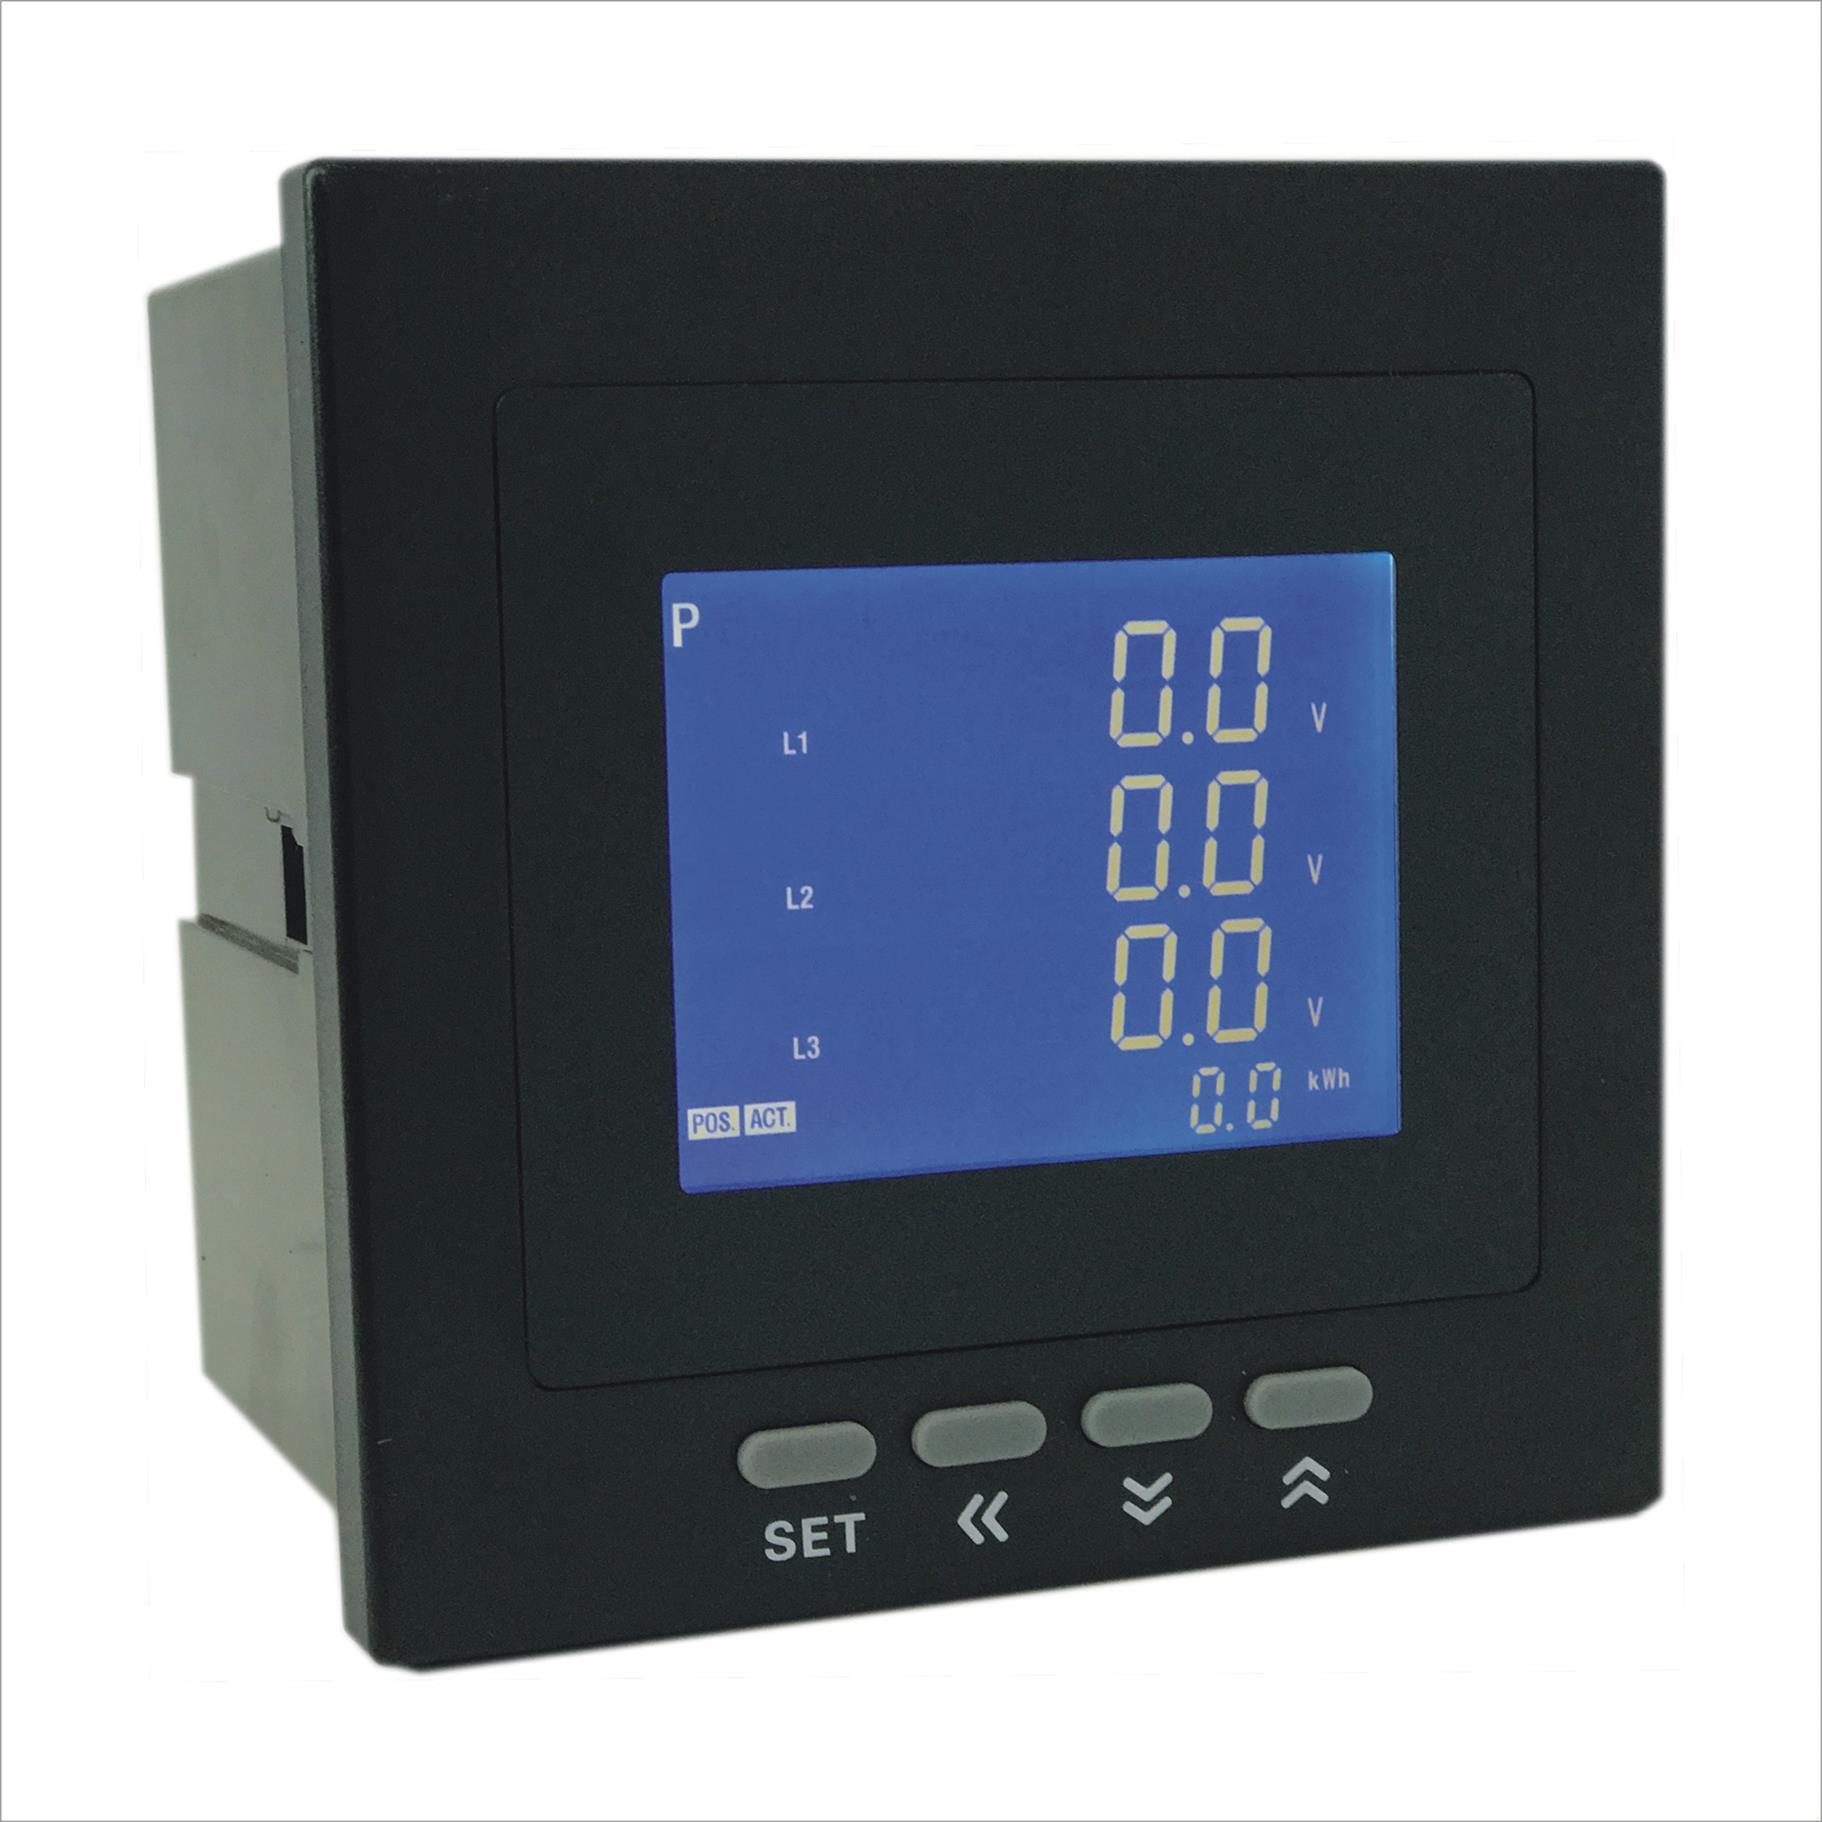 AOB192E-7XY液晶多功能电力仪表供应商